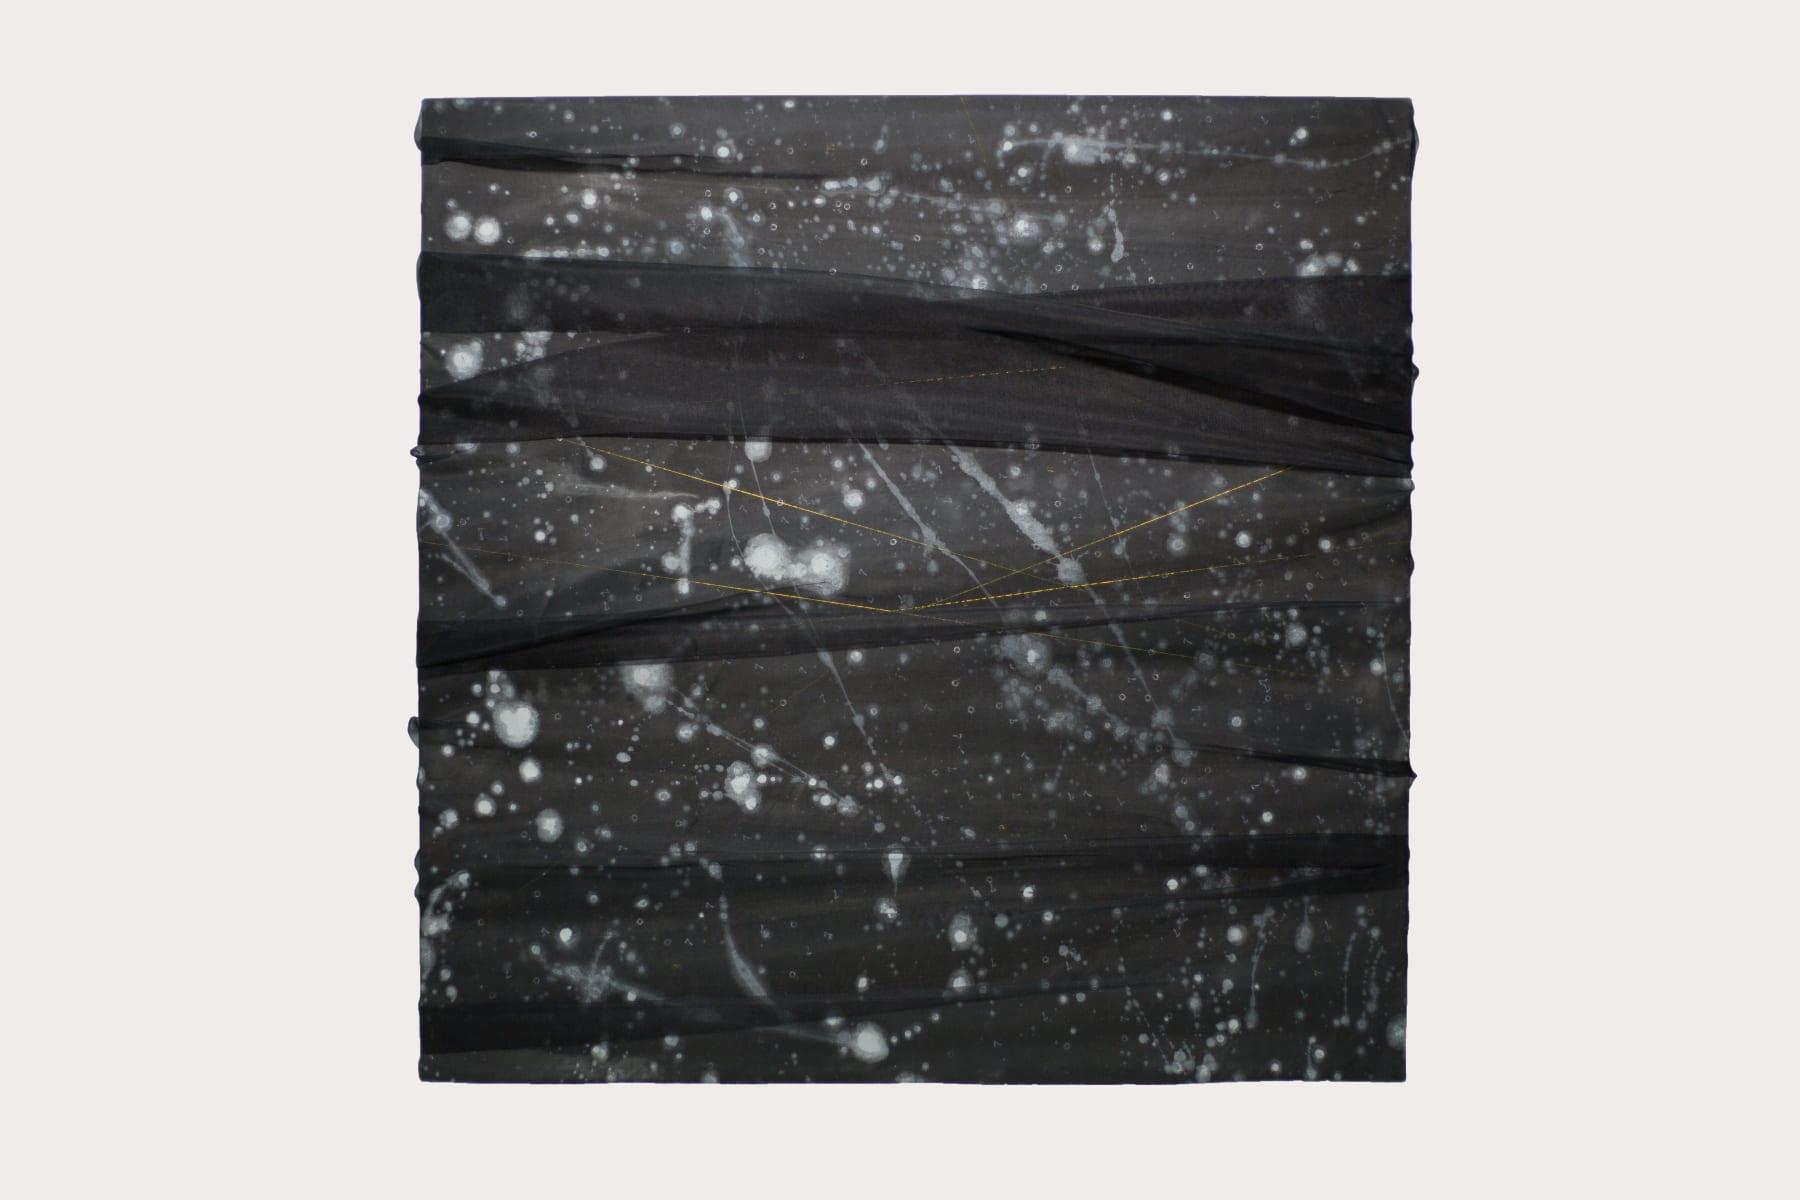 Zhang Yanzi 章燕紫, Infinite No.7 無窮7, 2017